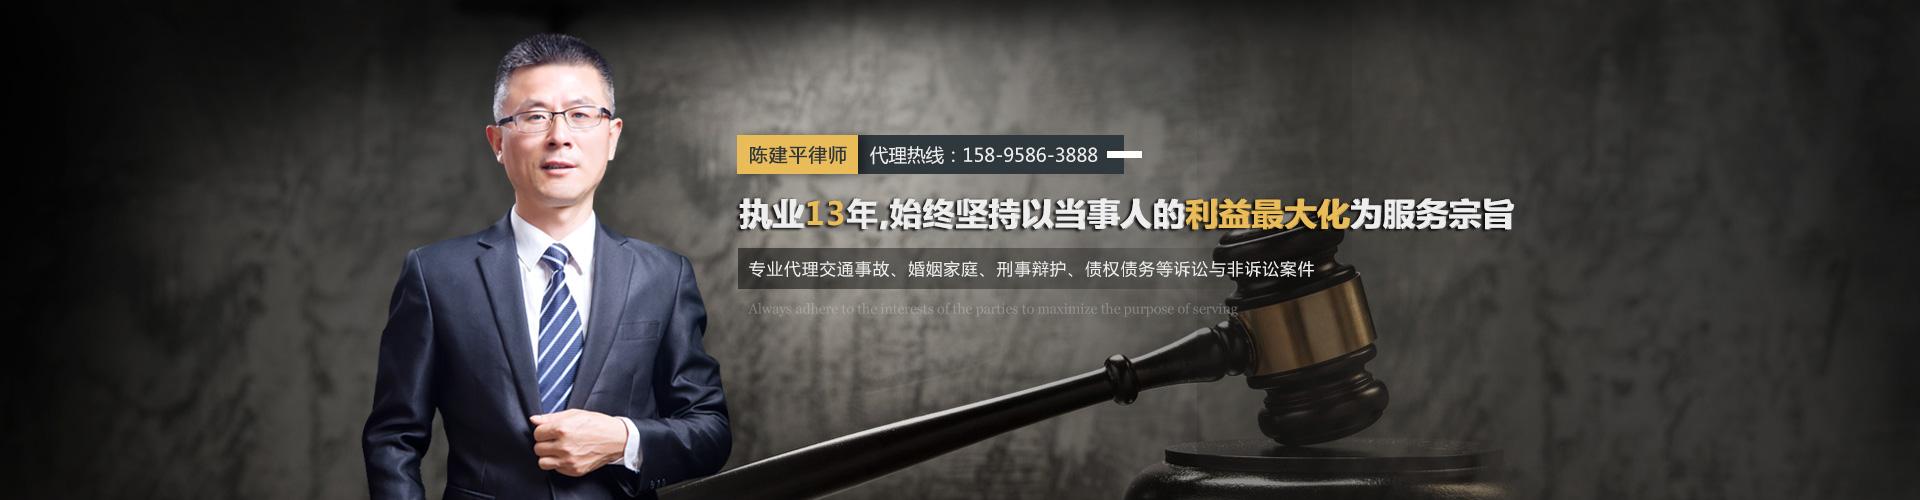 江苏陈建平律师